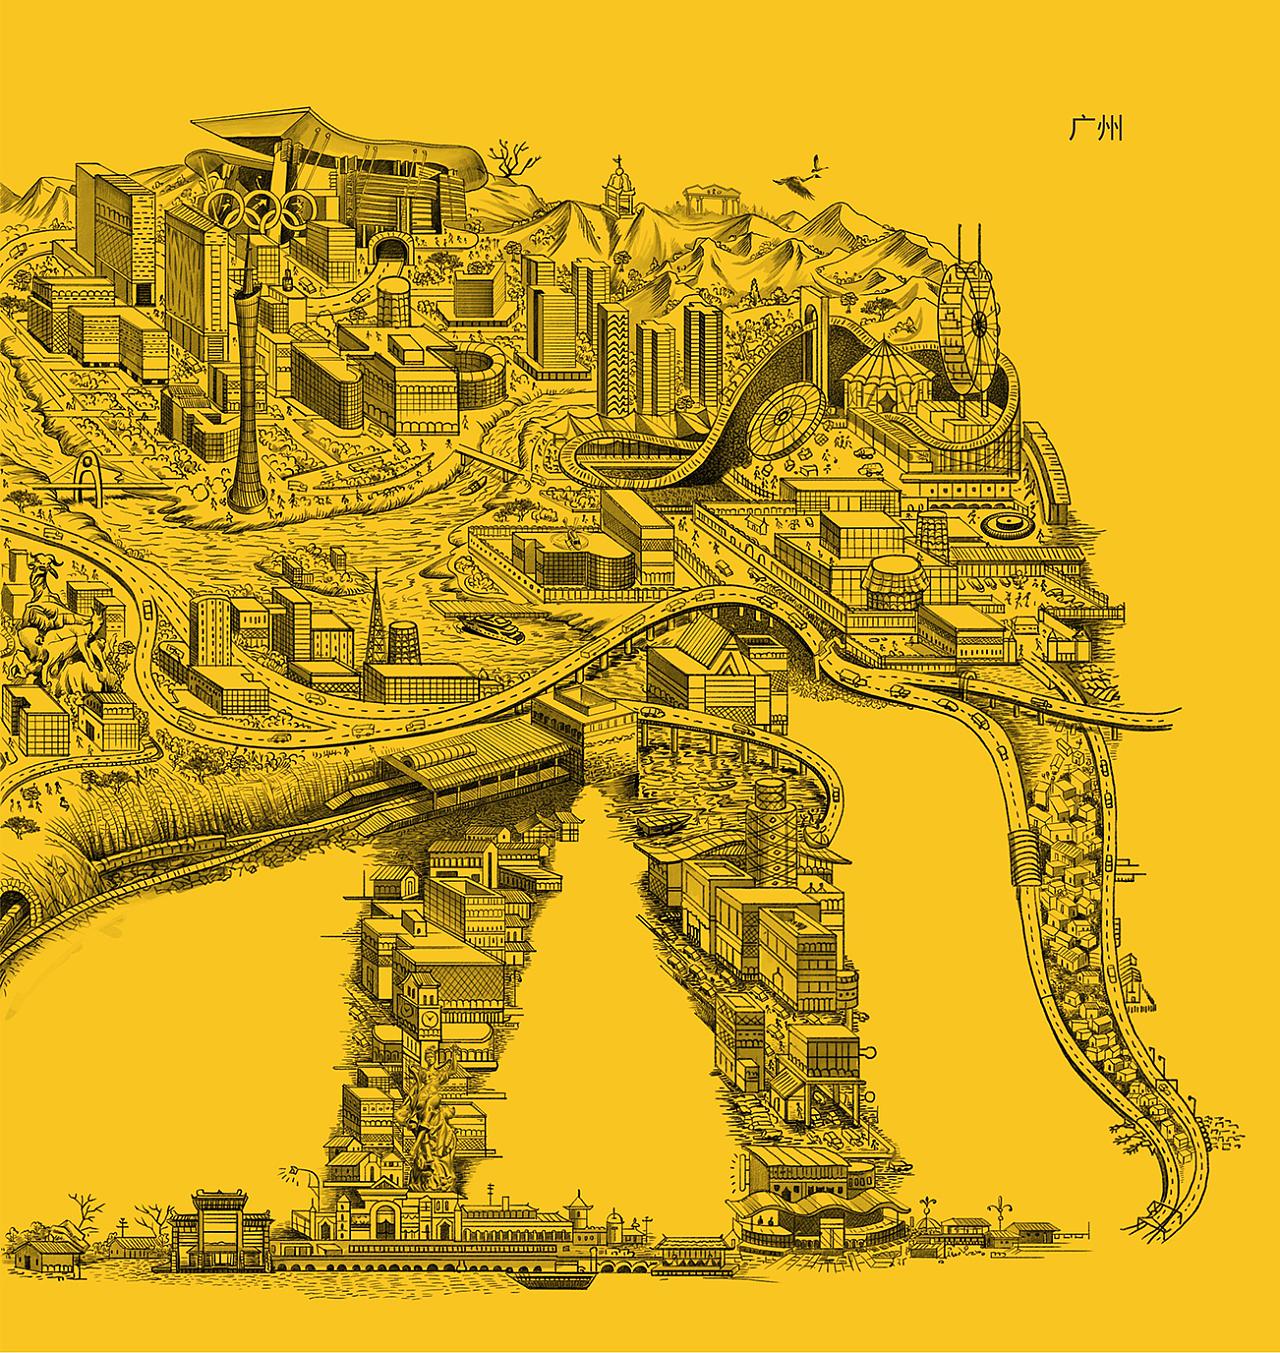 广州手绘地图|插画|商业插画|陈永荣 - 原创作品